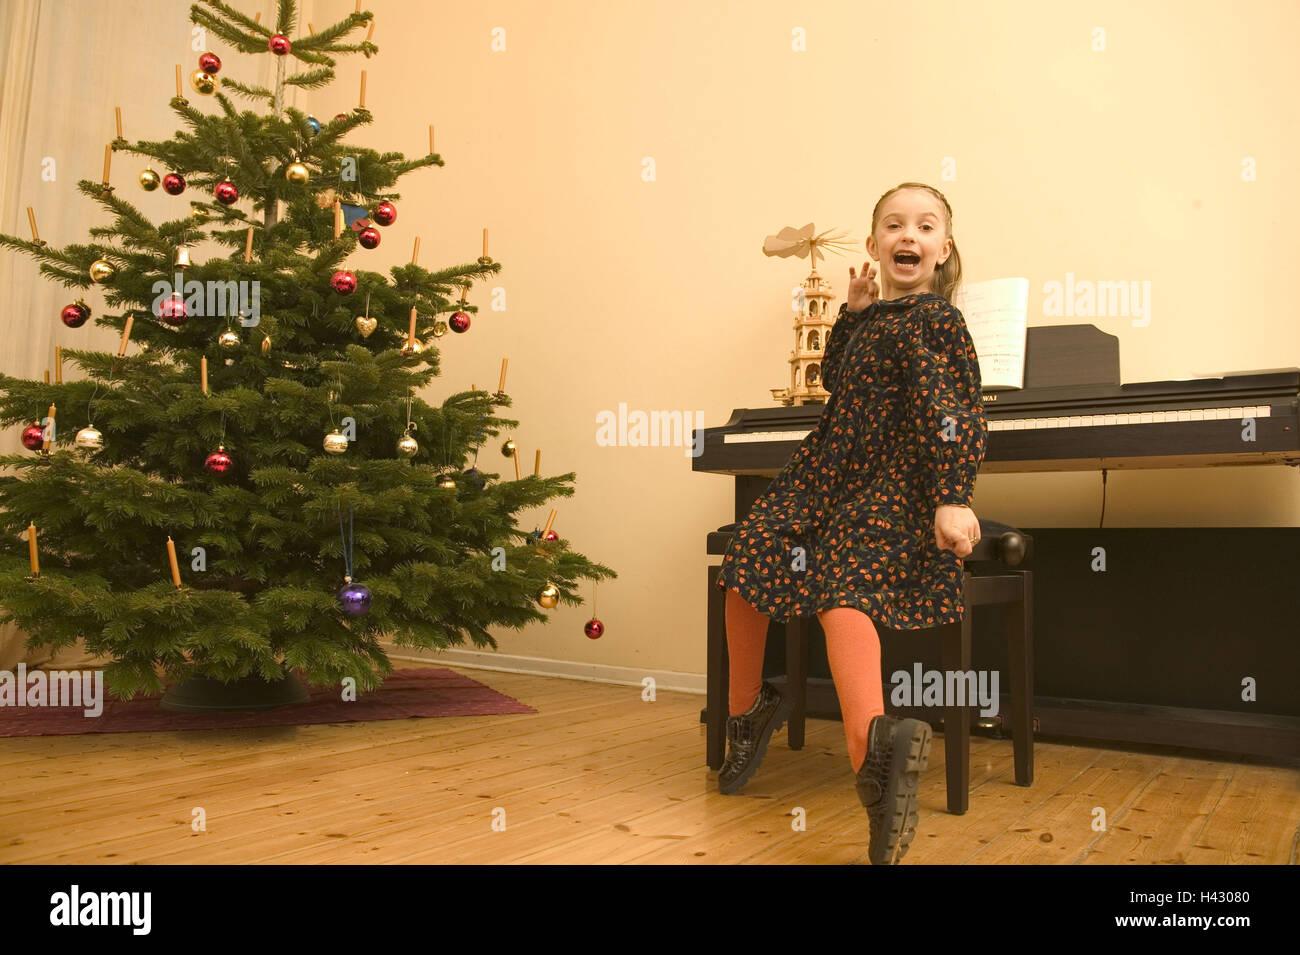 Regali Di Natale Per Bambini 8 Anni.Regali Di Natale Per Bambini Di 8 Anni Best Regali Di Natale Per